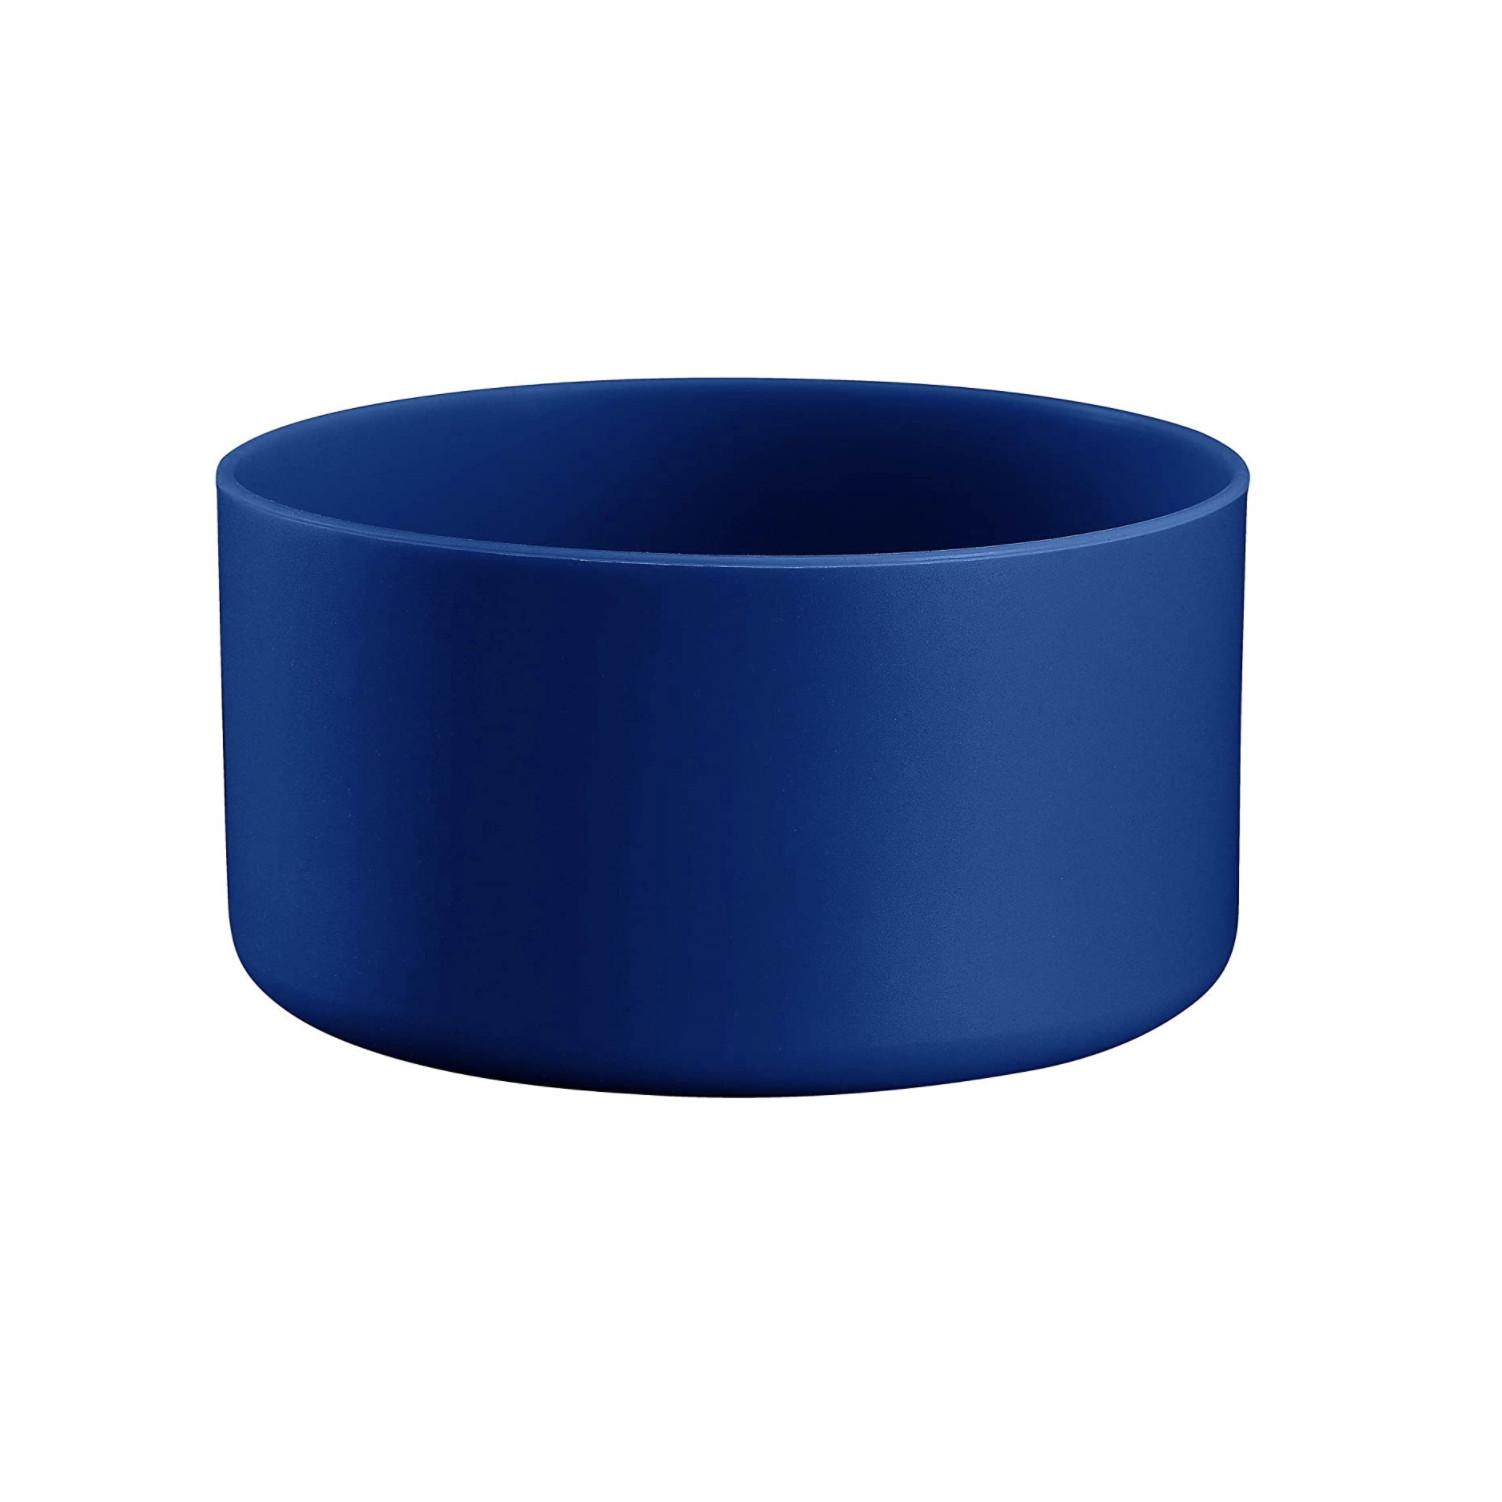 Đế Silicone Chống Trơn Trượt Và Giảm Tiếng Ồn Cho Bình Giữ Nhiệt Rinfere 950ml - Nhiều Màu Sắc Lựa Chọn